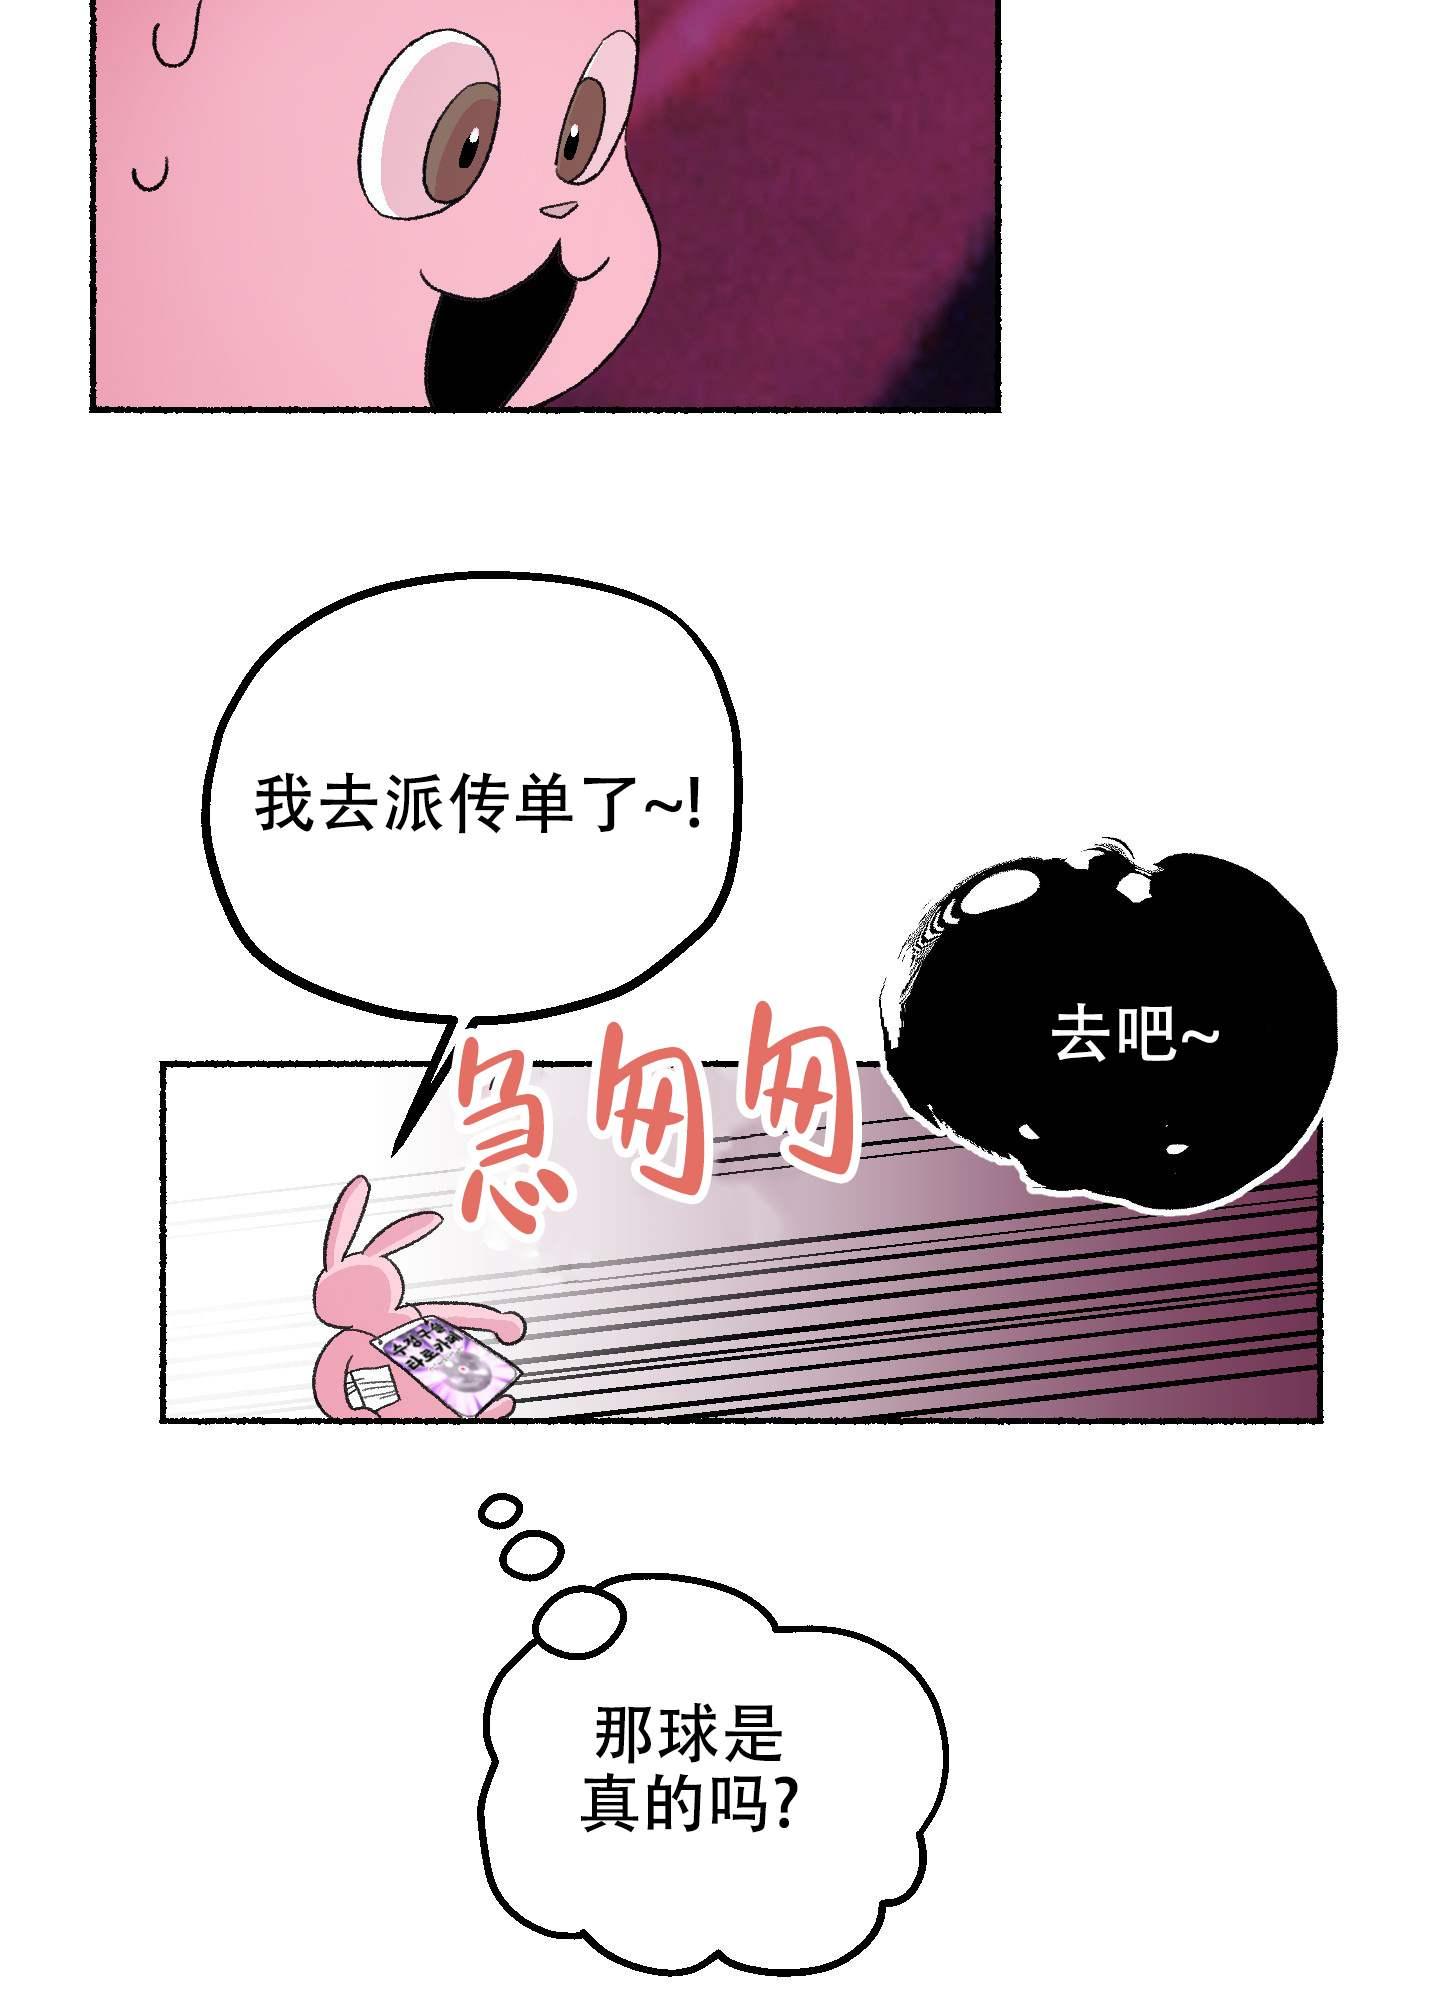 韩漫 |《狡猾的鲁鲁》  恶魔与人类,一饿就开do!  第9张